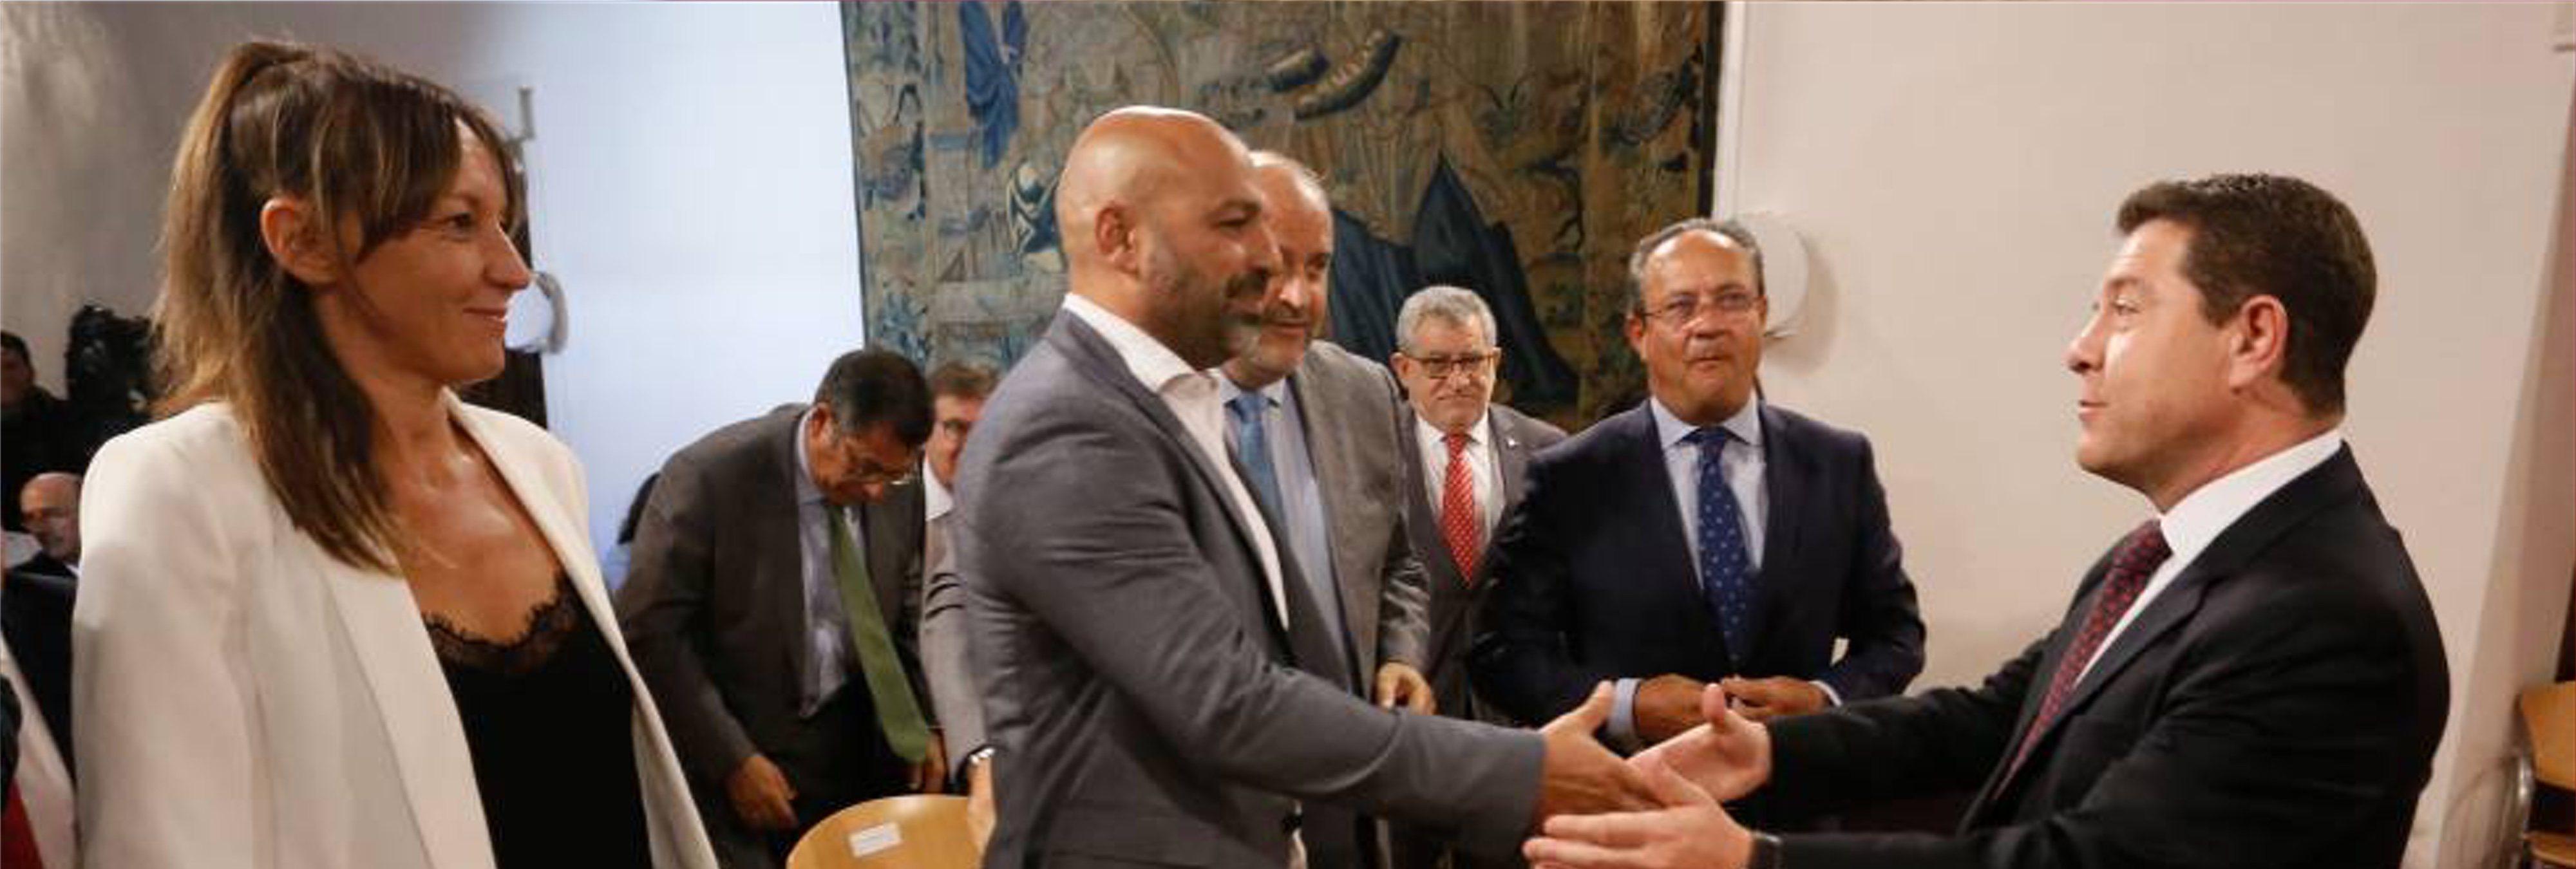 La Junta de Castilla-La Mancha aprobará una ley de renta mínima con 600 euros mensuales